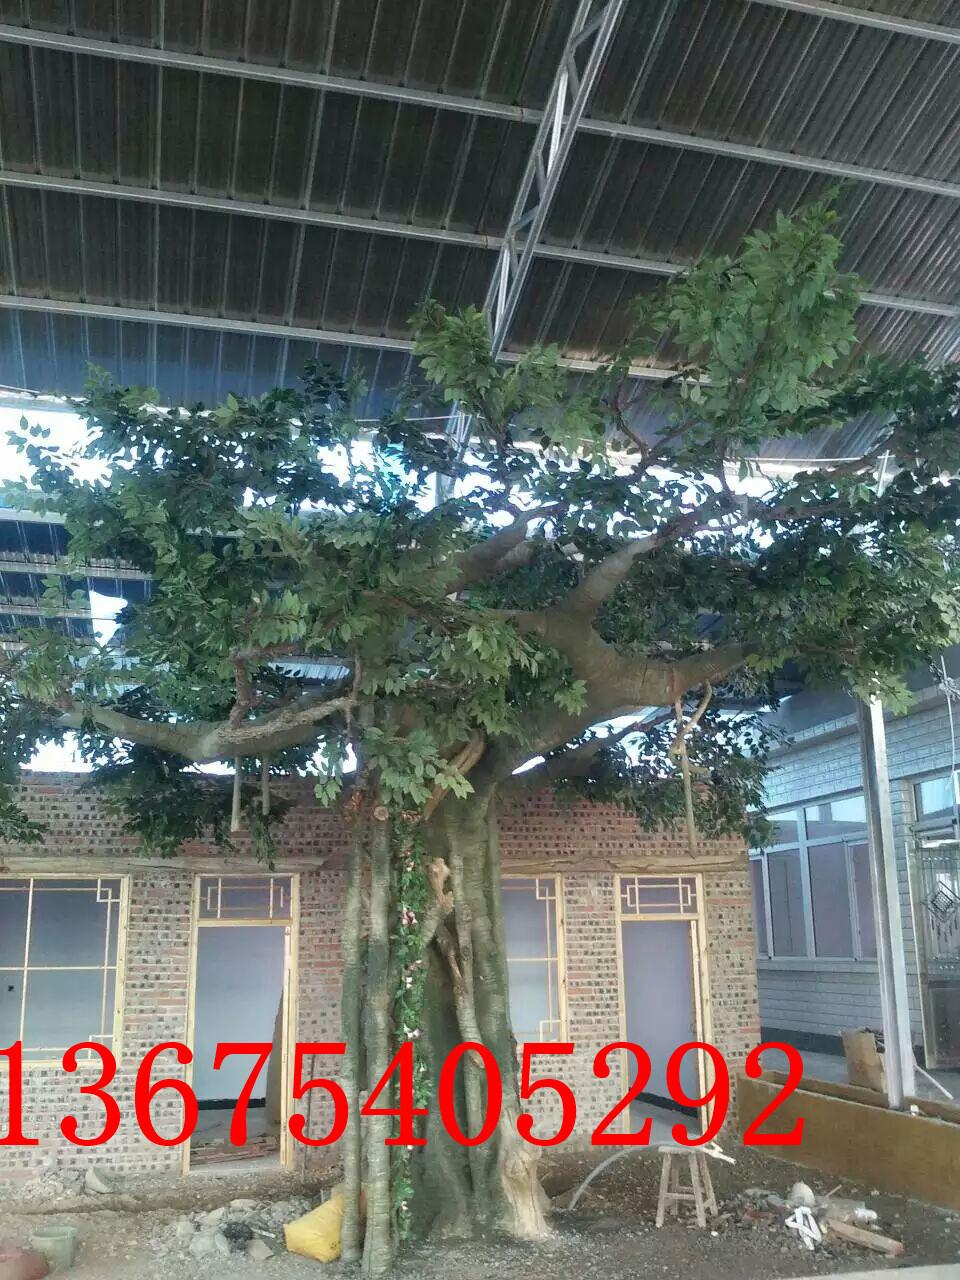 延安市洛川县专业制作仿真树,仿真树图片,仿真树施工电话